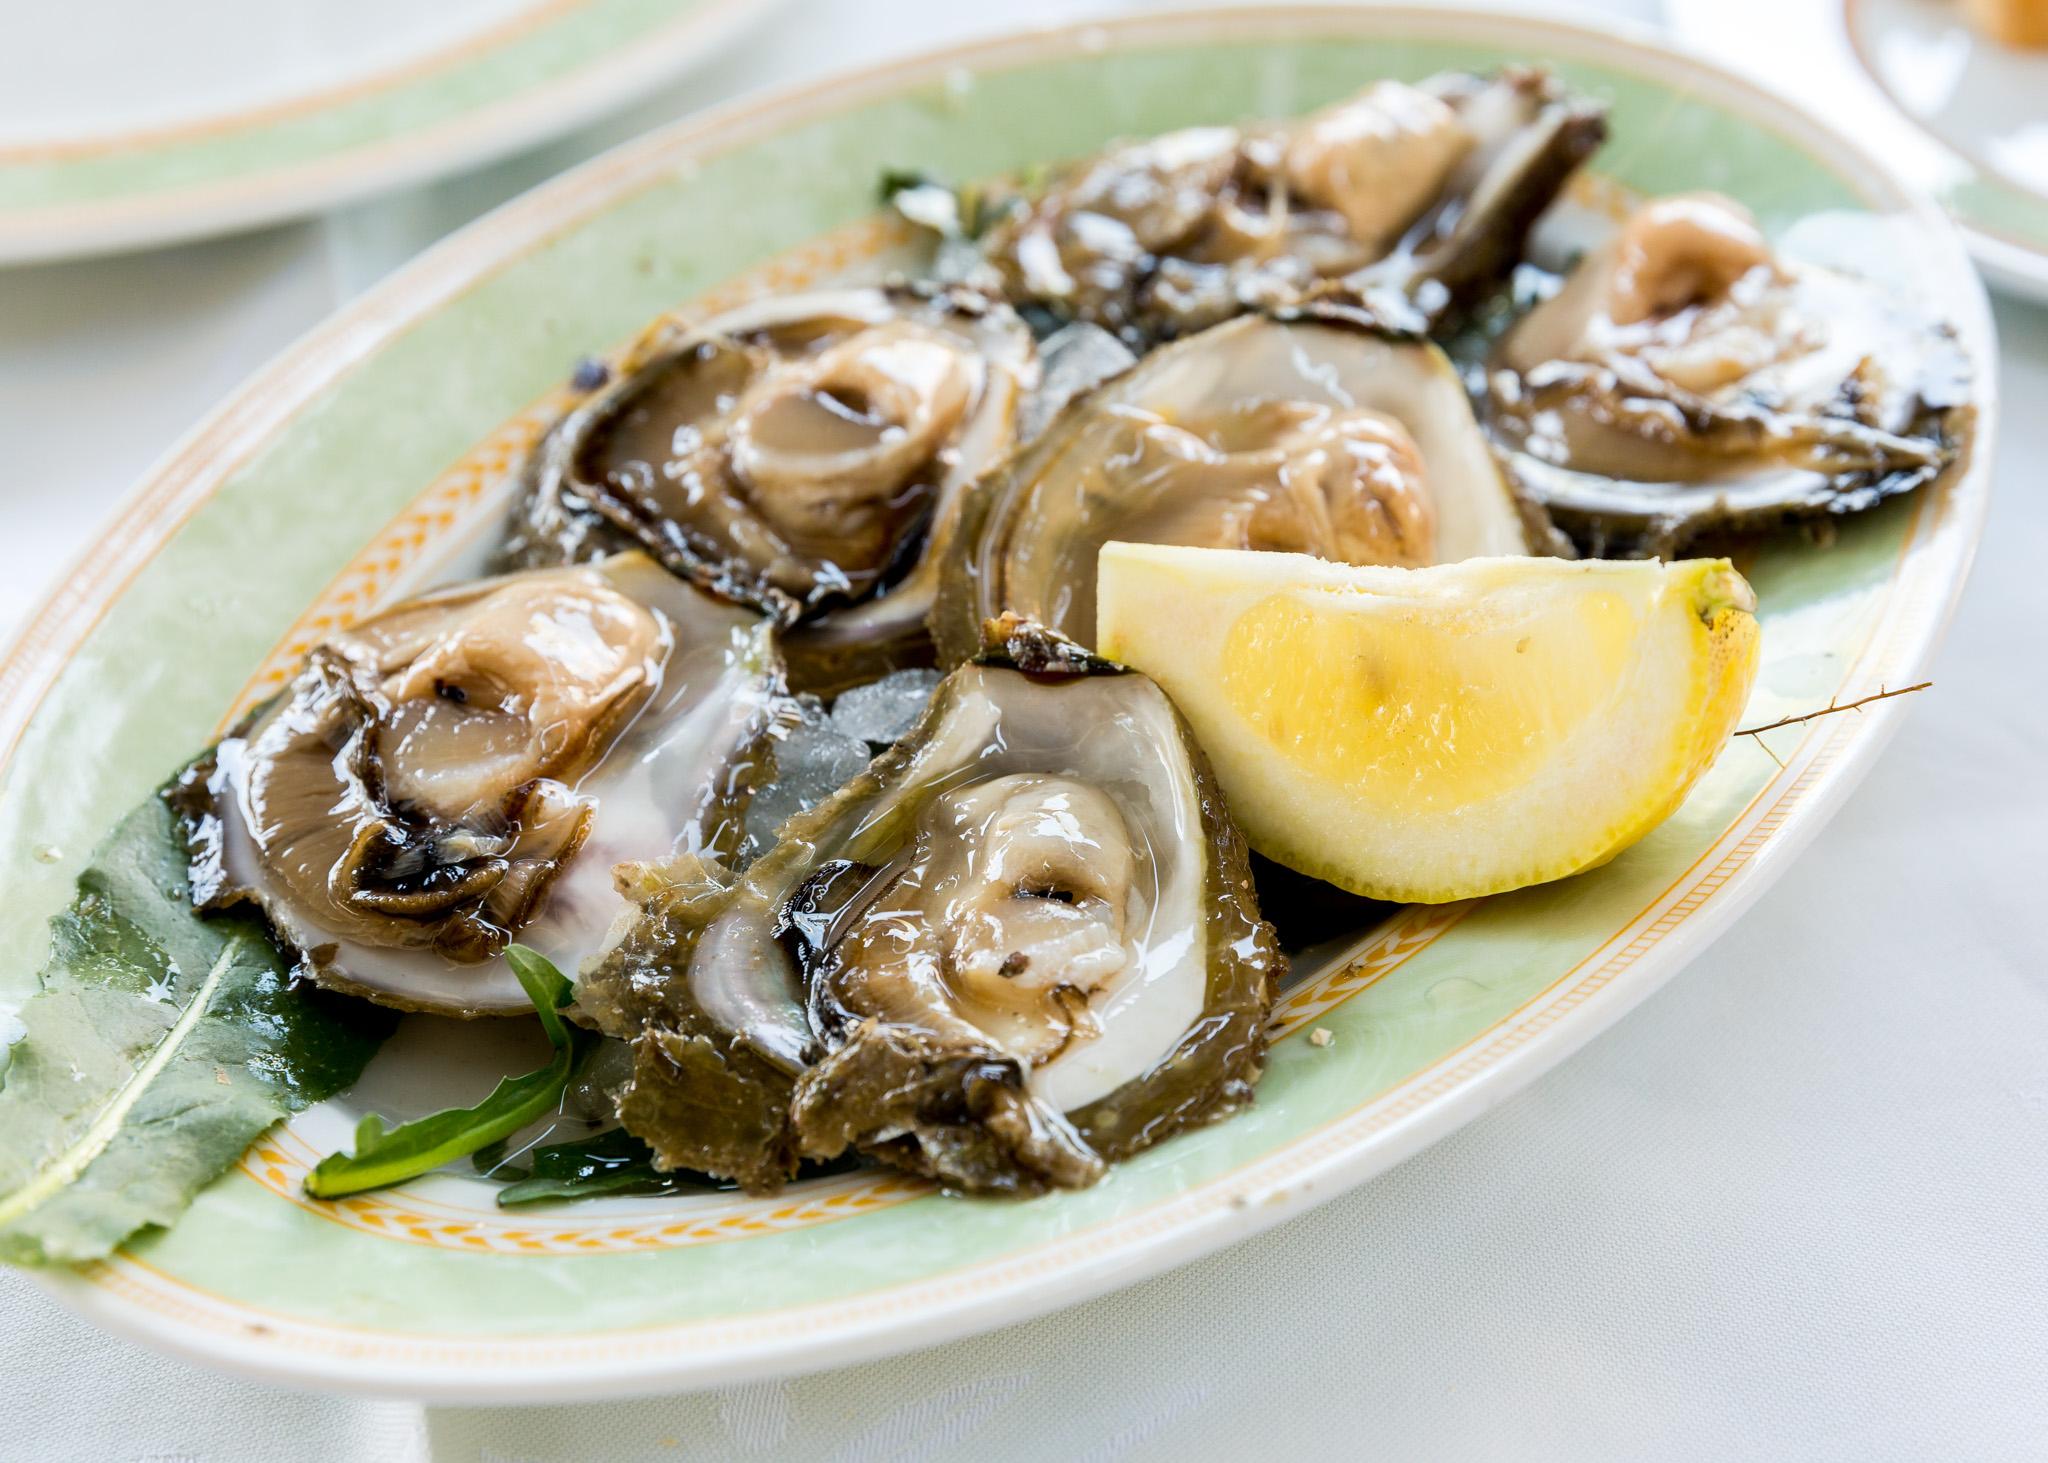 Kapetanova kuca mali ston oysters-3